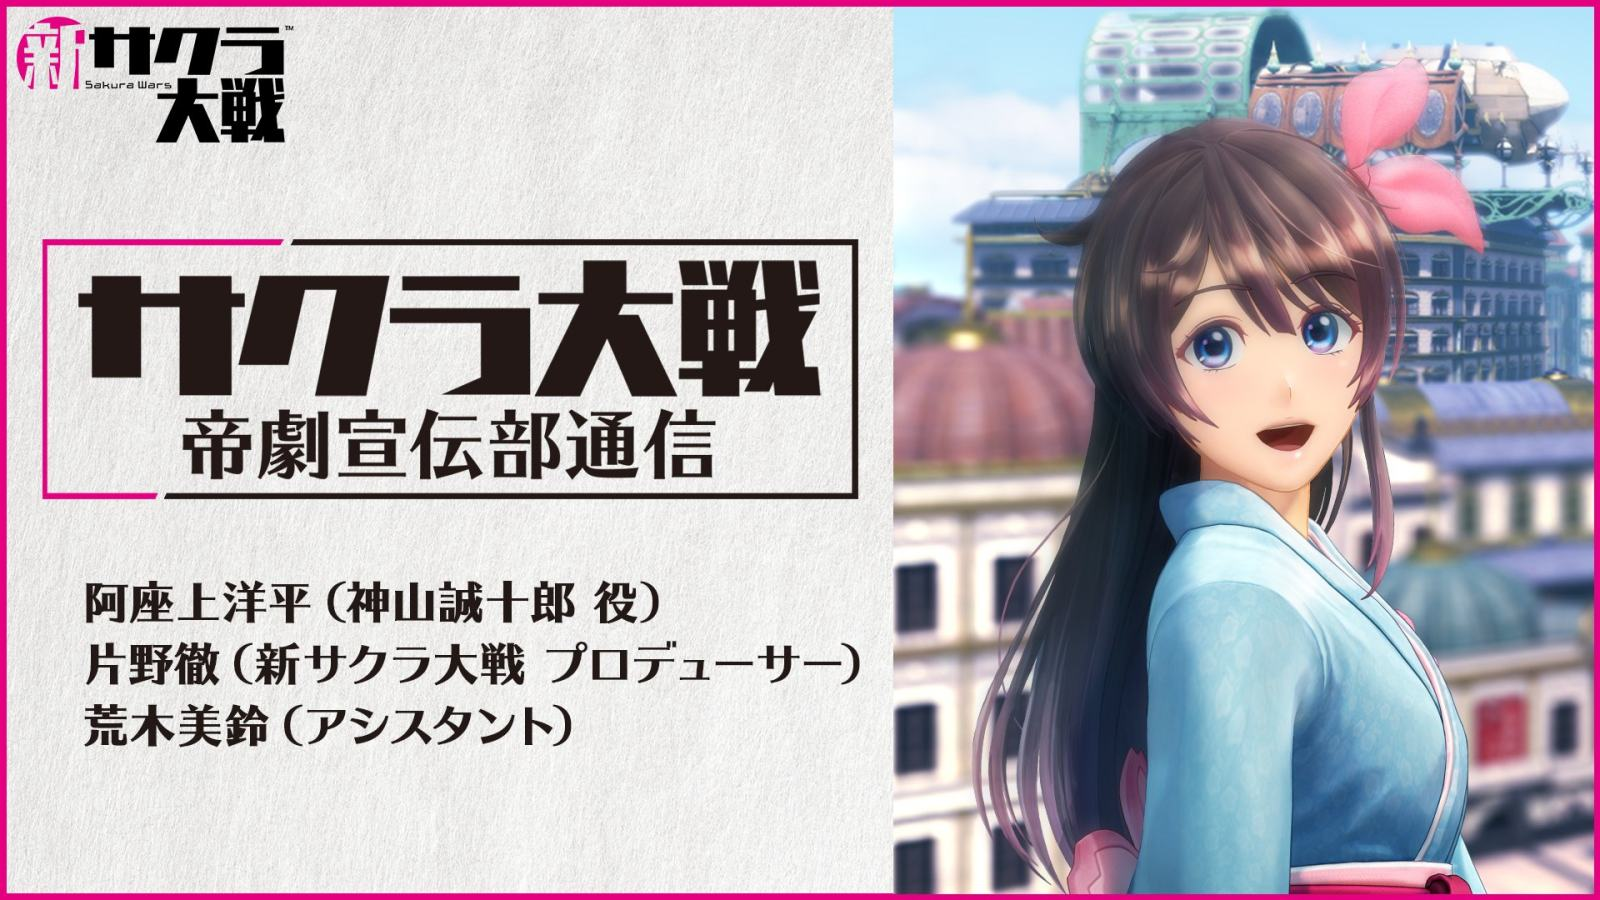 《新樱花大战》将在6月26日晚7点进行直播演示